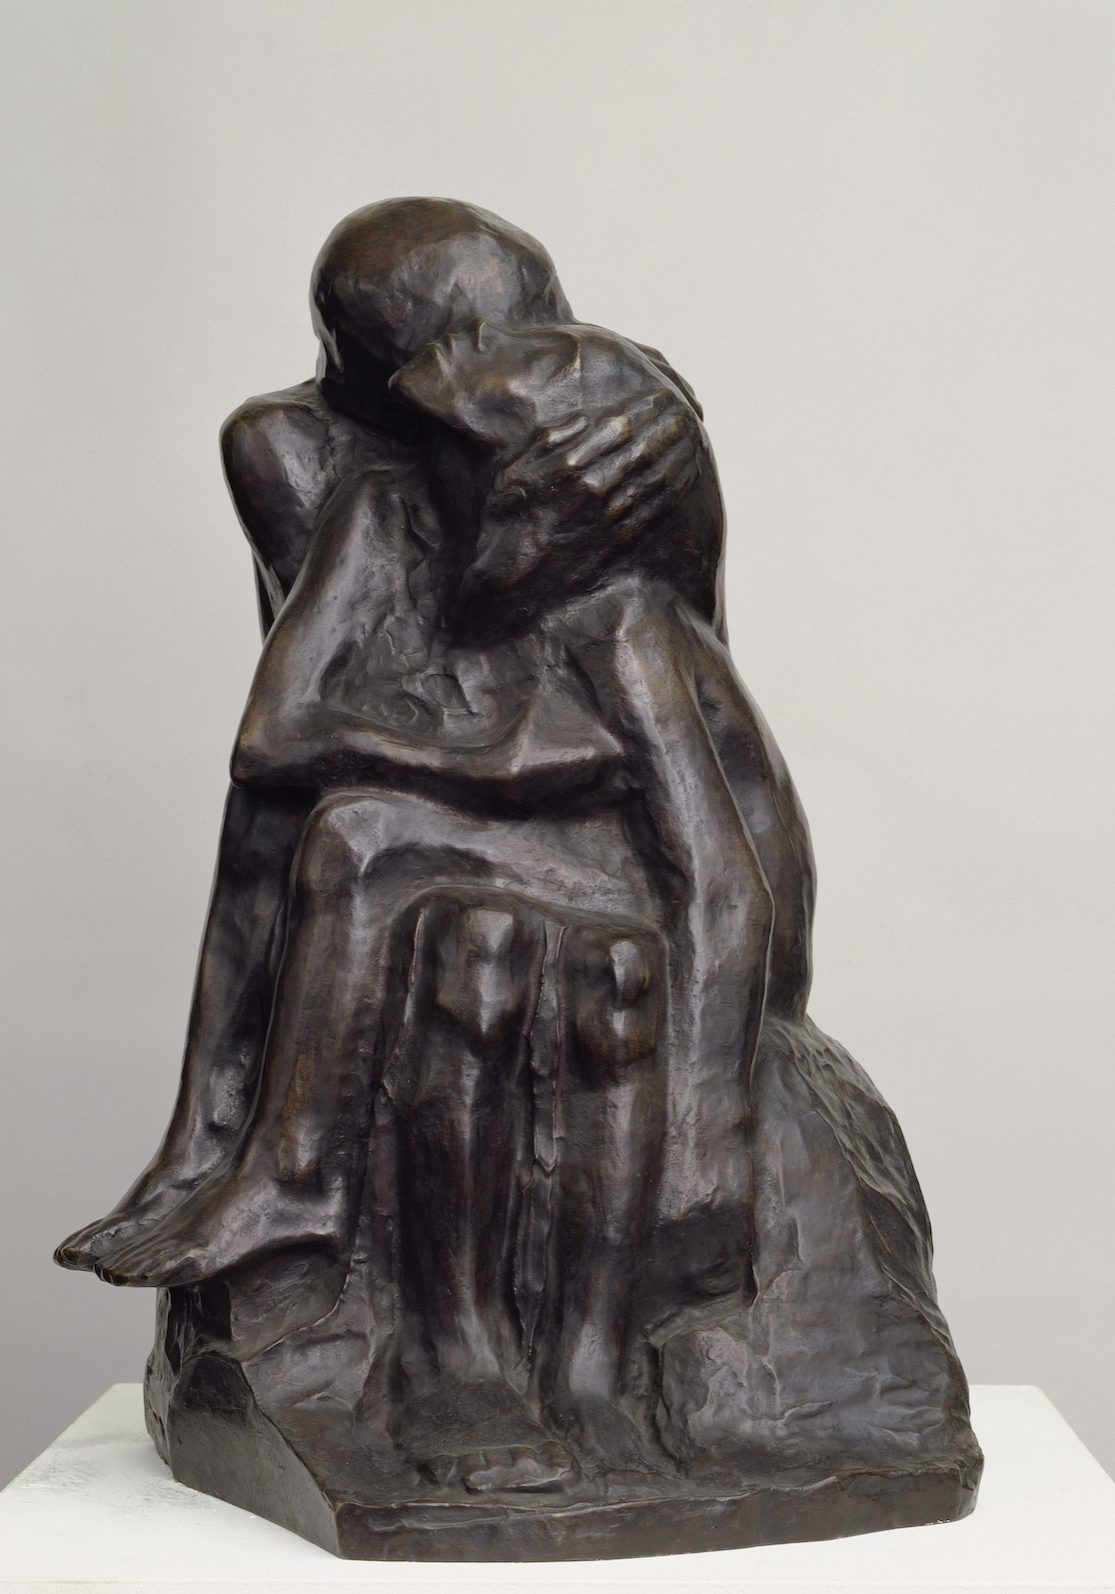 Käthe Kollwitz, Liebespaar II, 1913 © Staatliche Museen zu Berlin, Nationalgalerie / Roland März